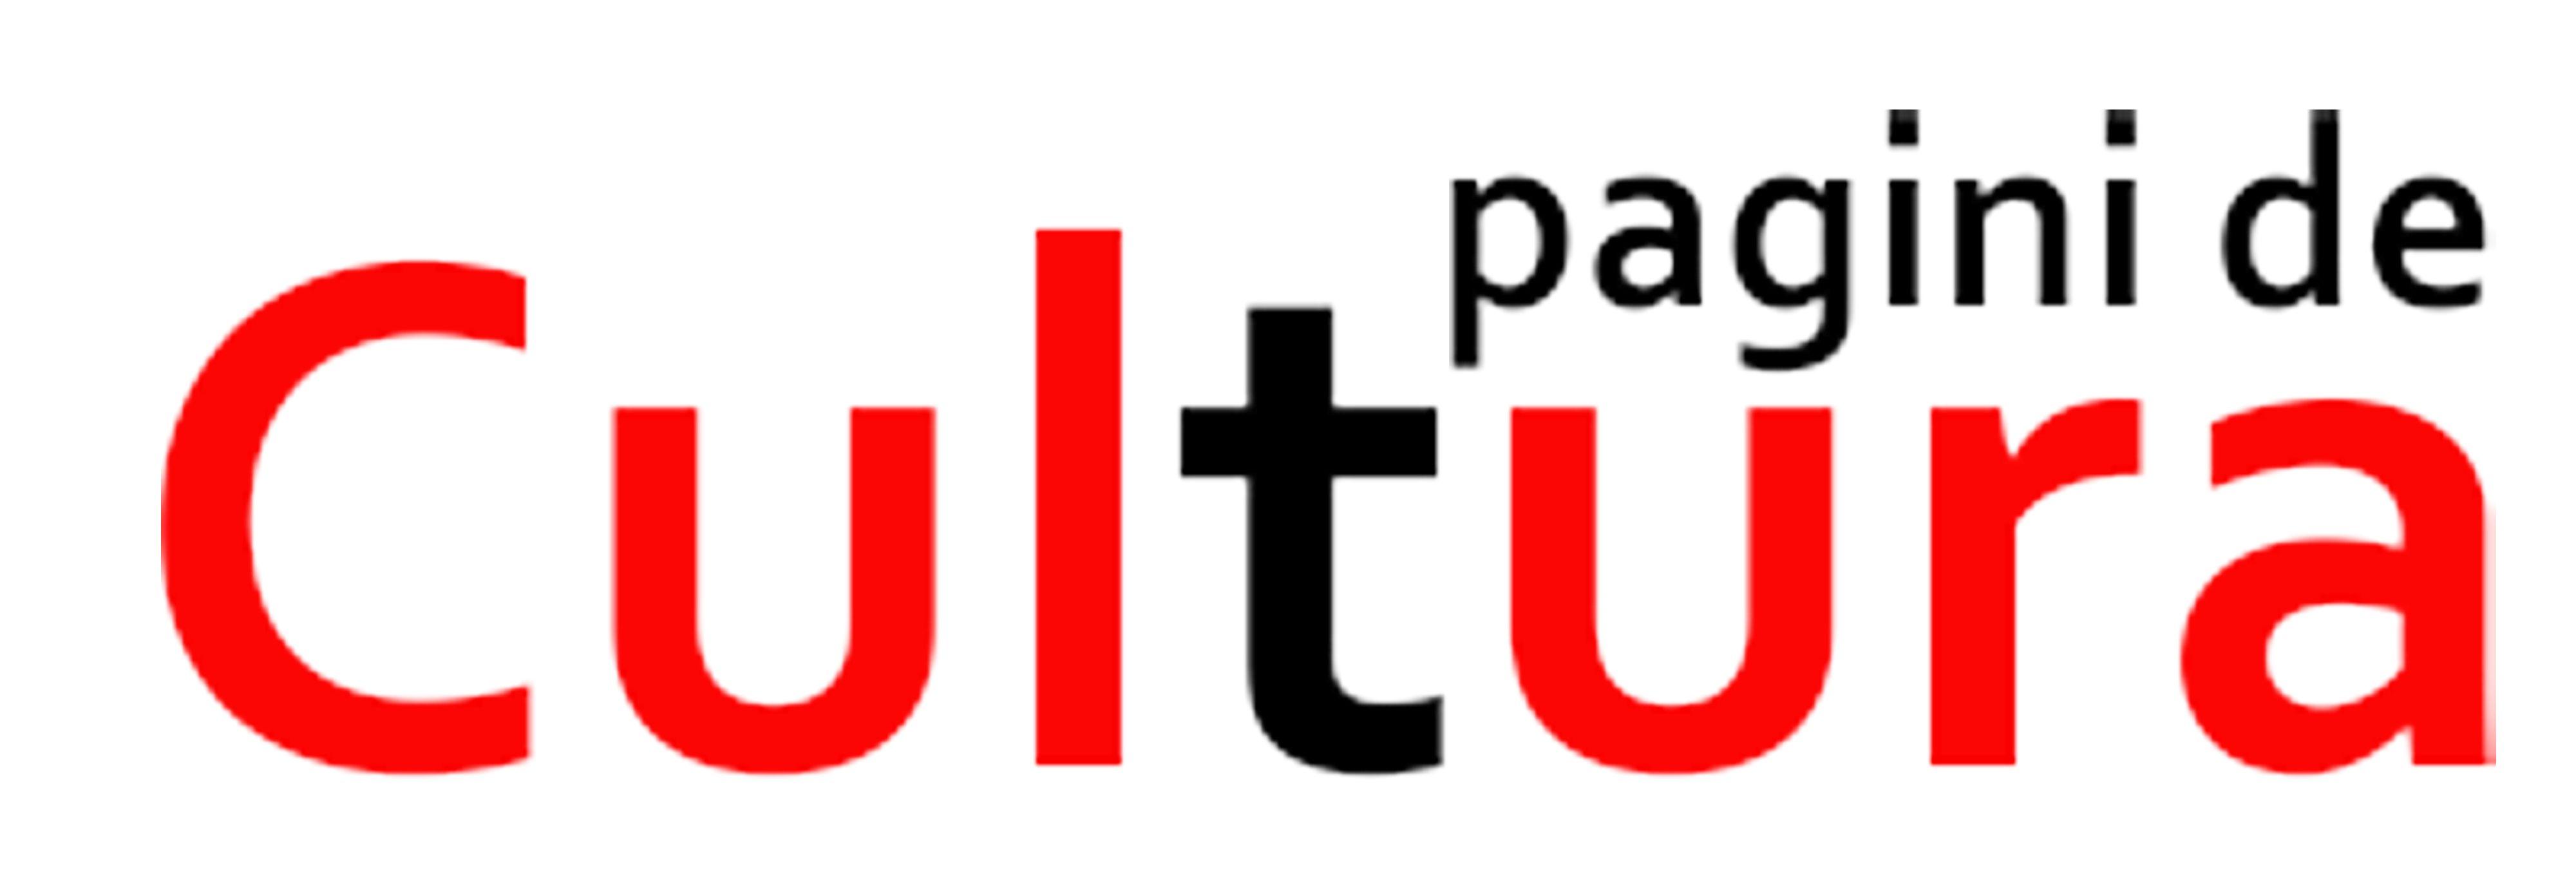 Pagini de Cultură